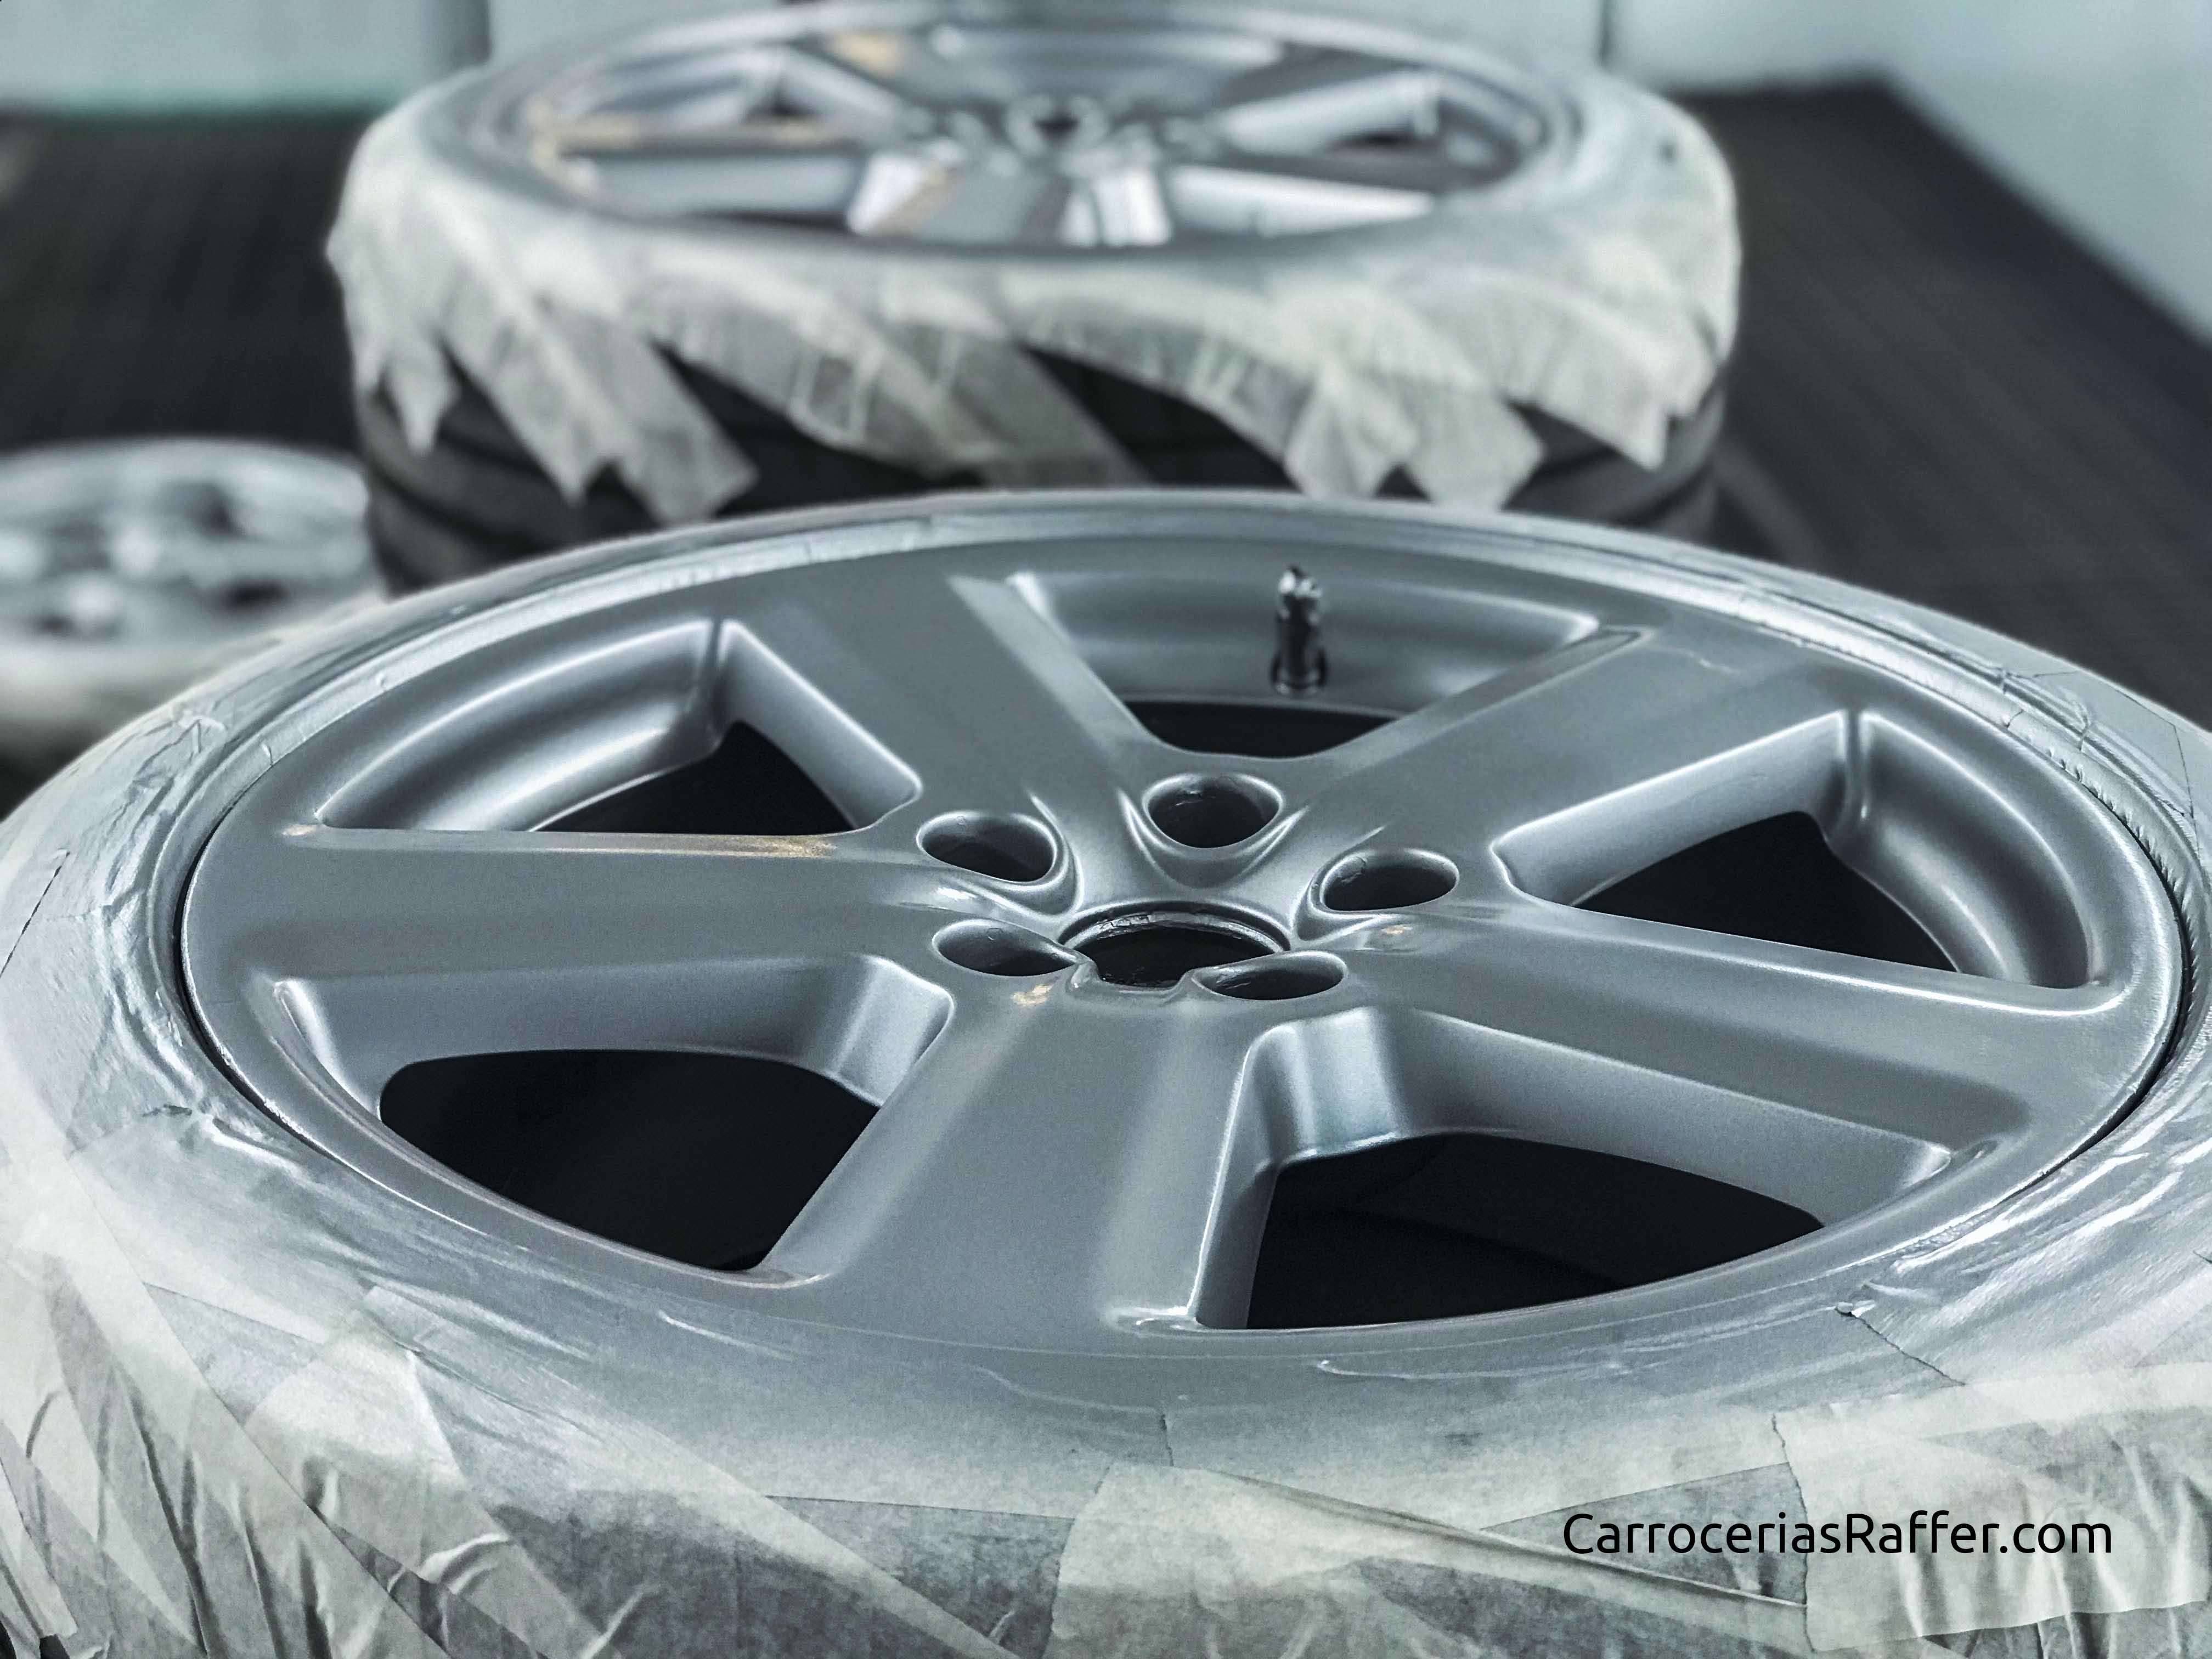 1 pintar ruedas carrocerias raffer hernani gipuzkoa